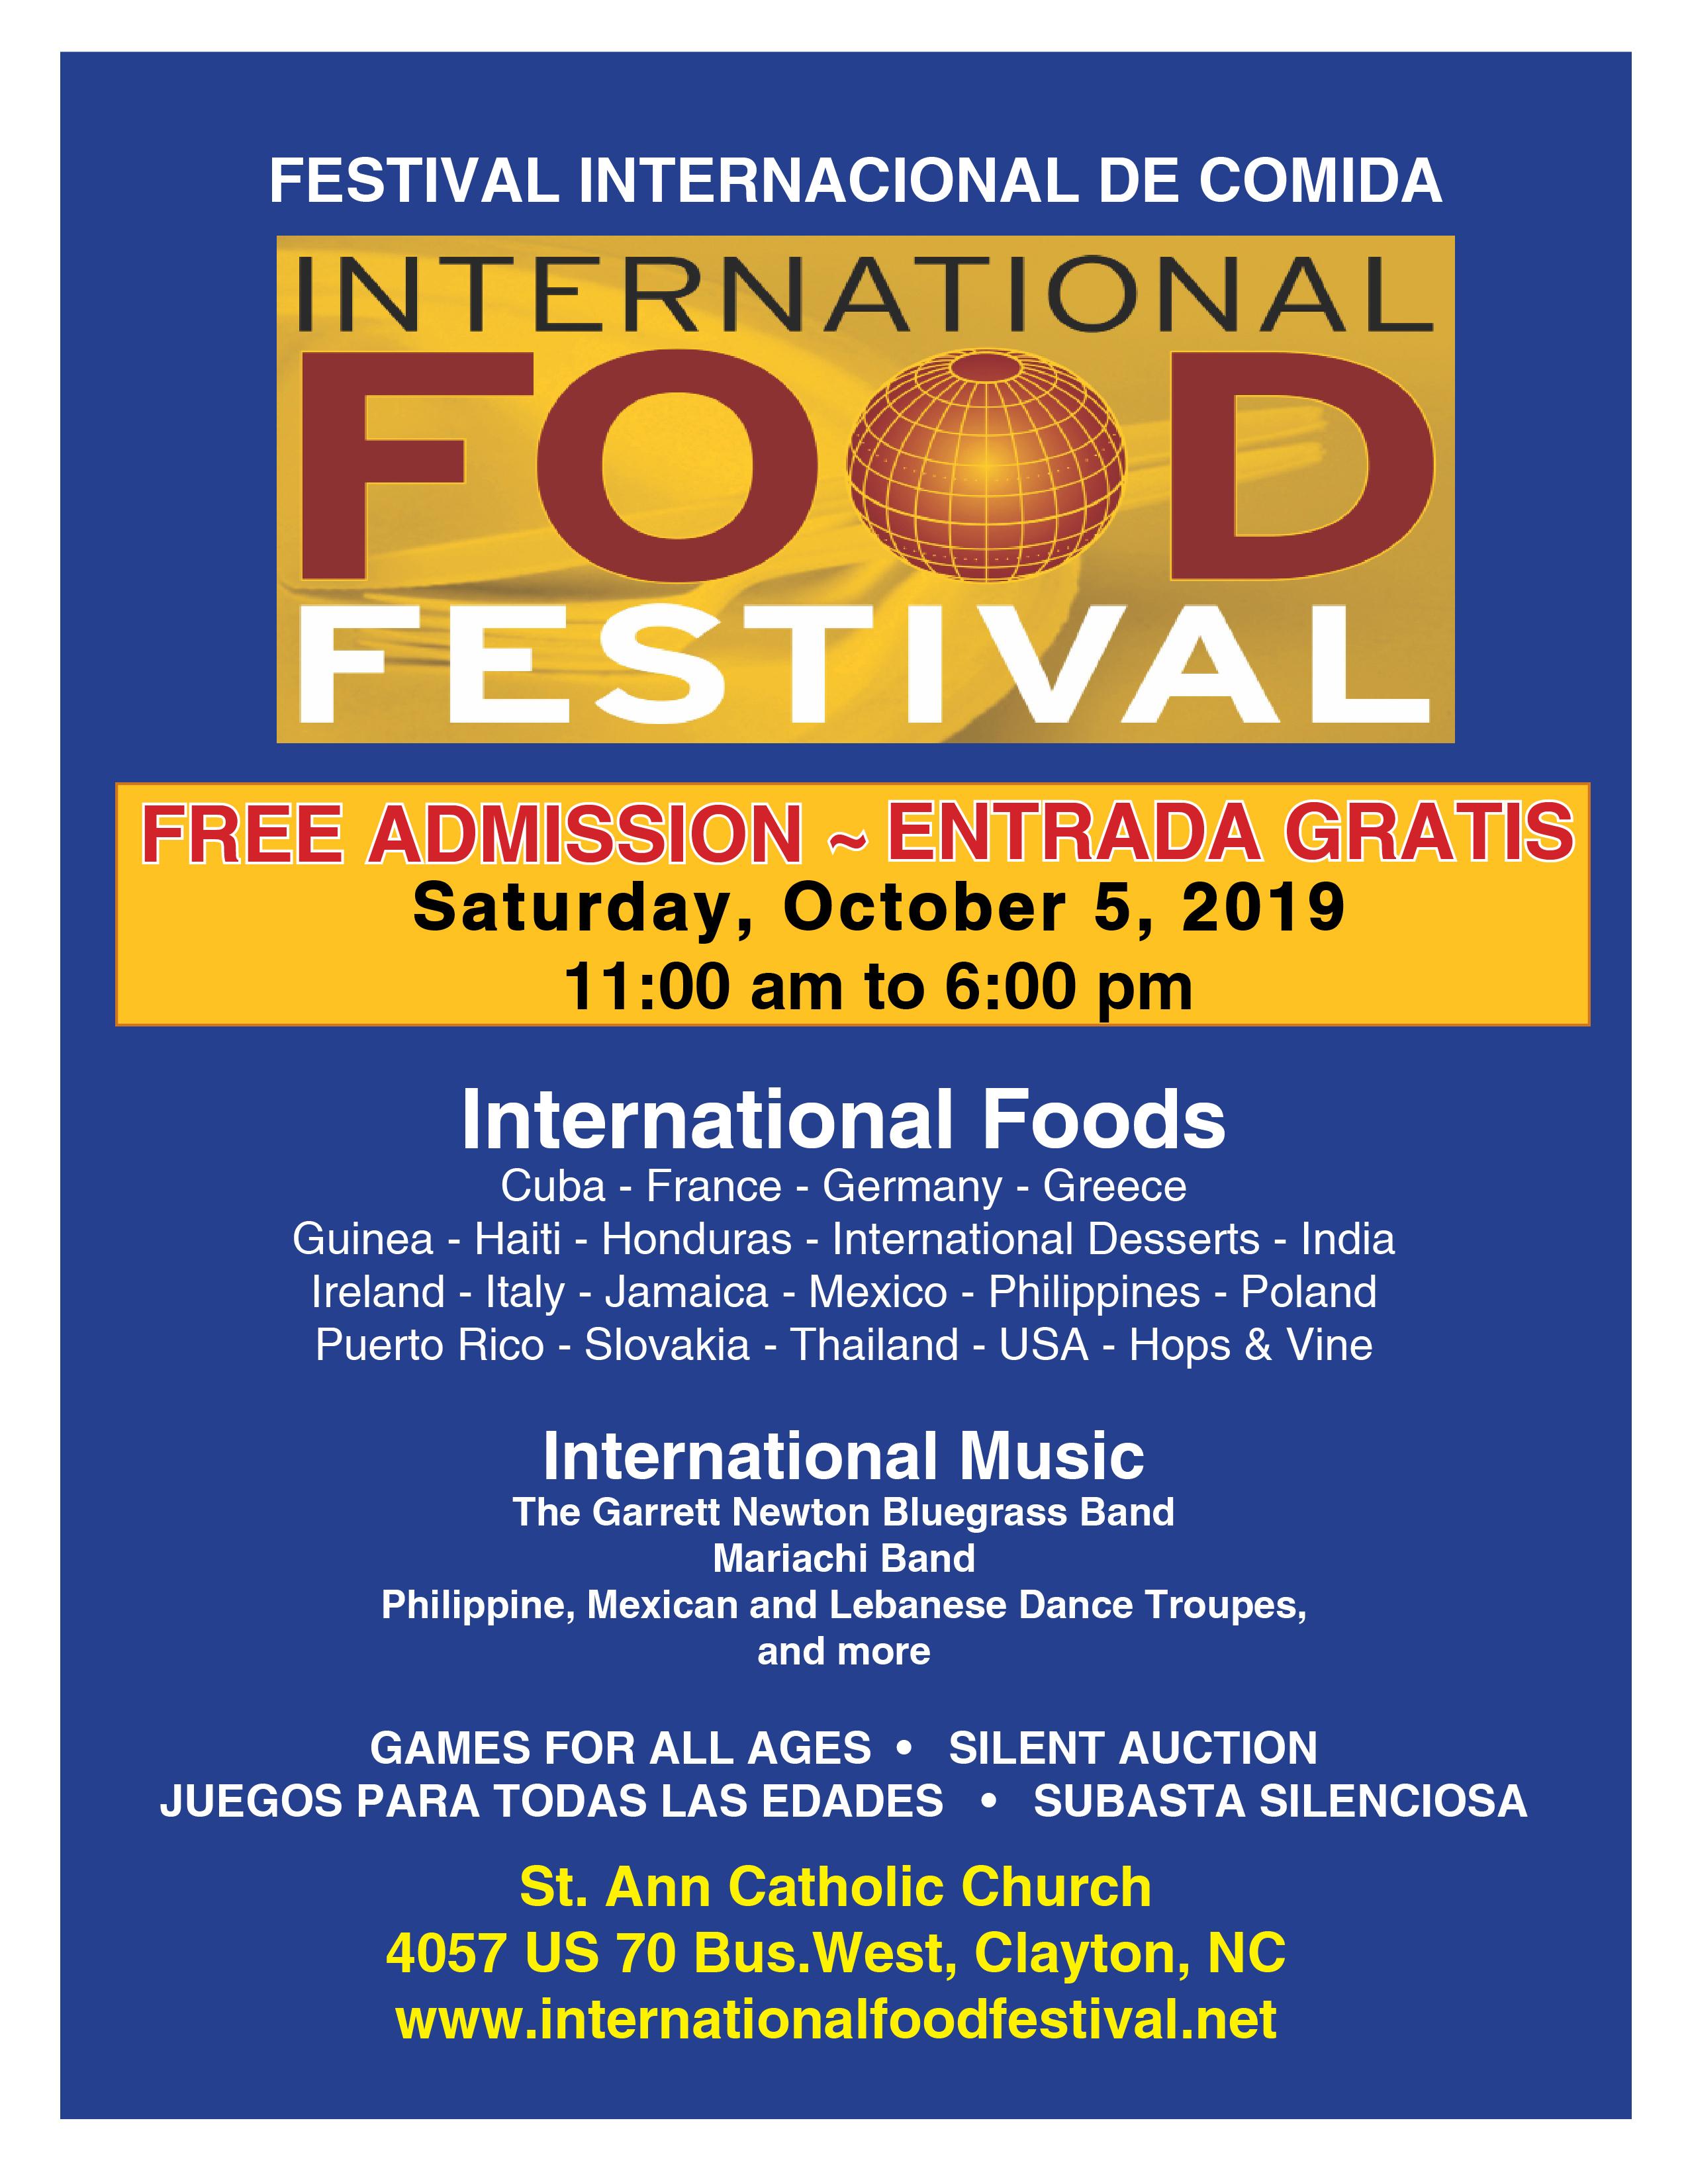 Intern Food Fest